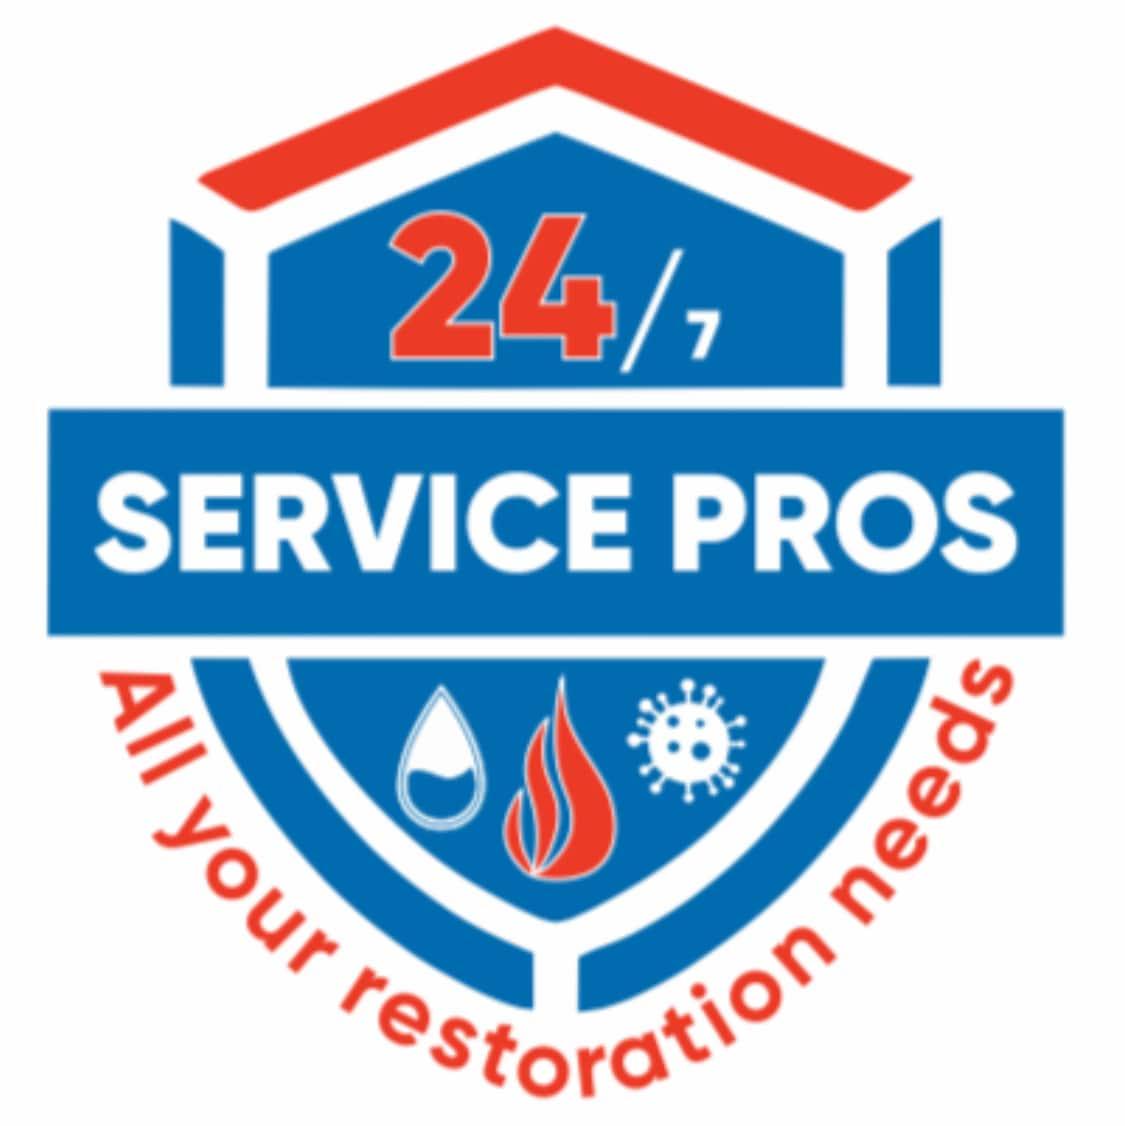 24/7 Service Pros logo